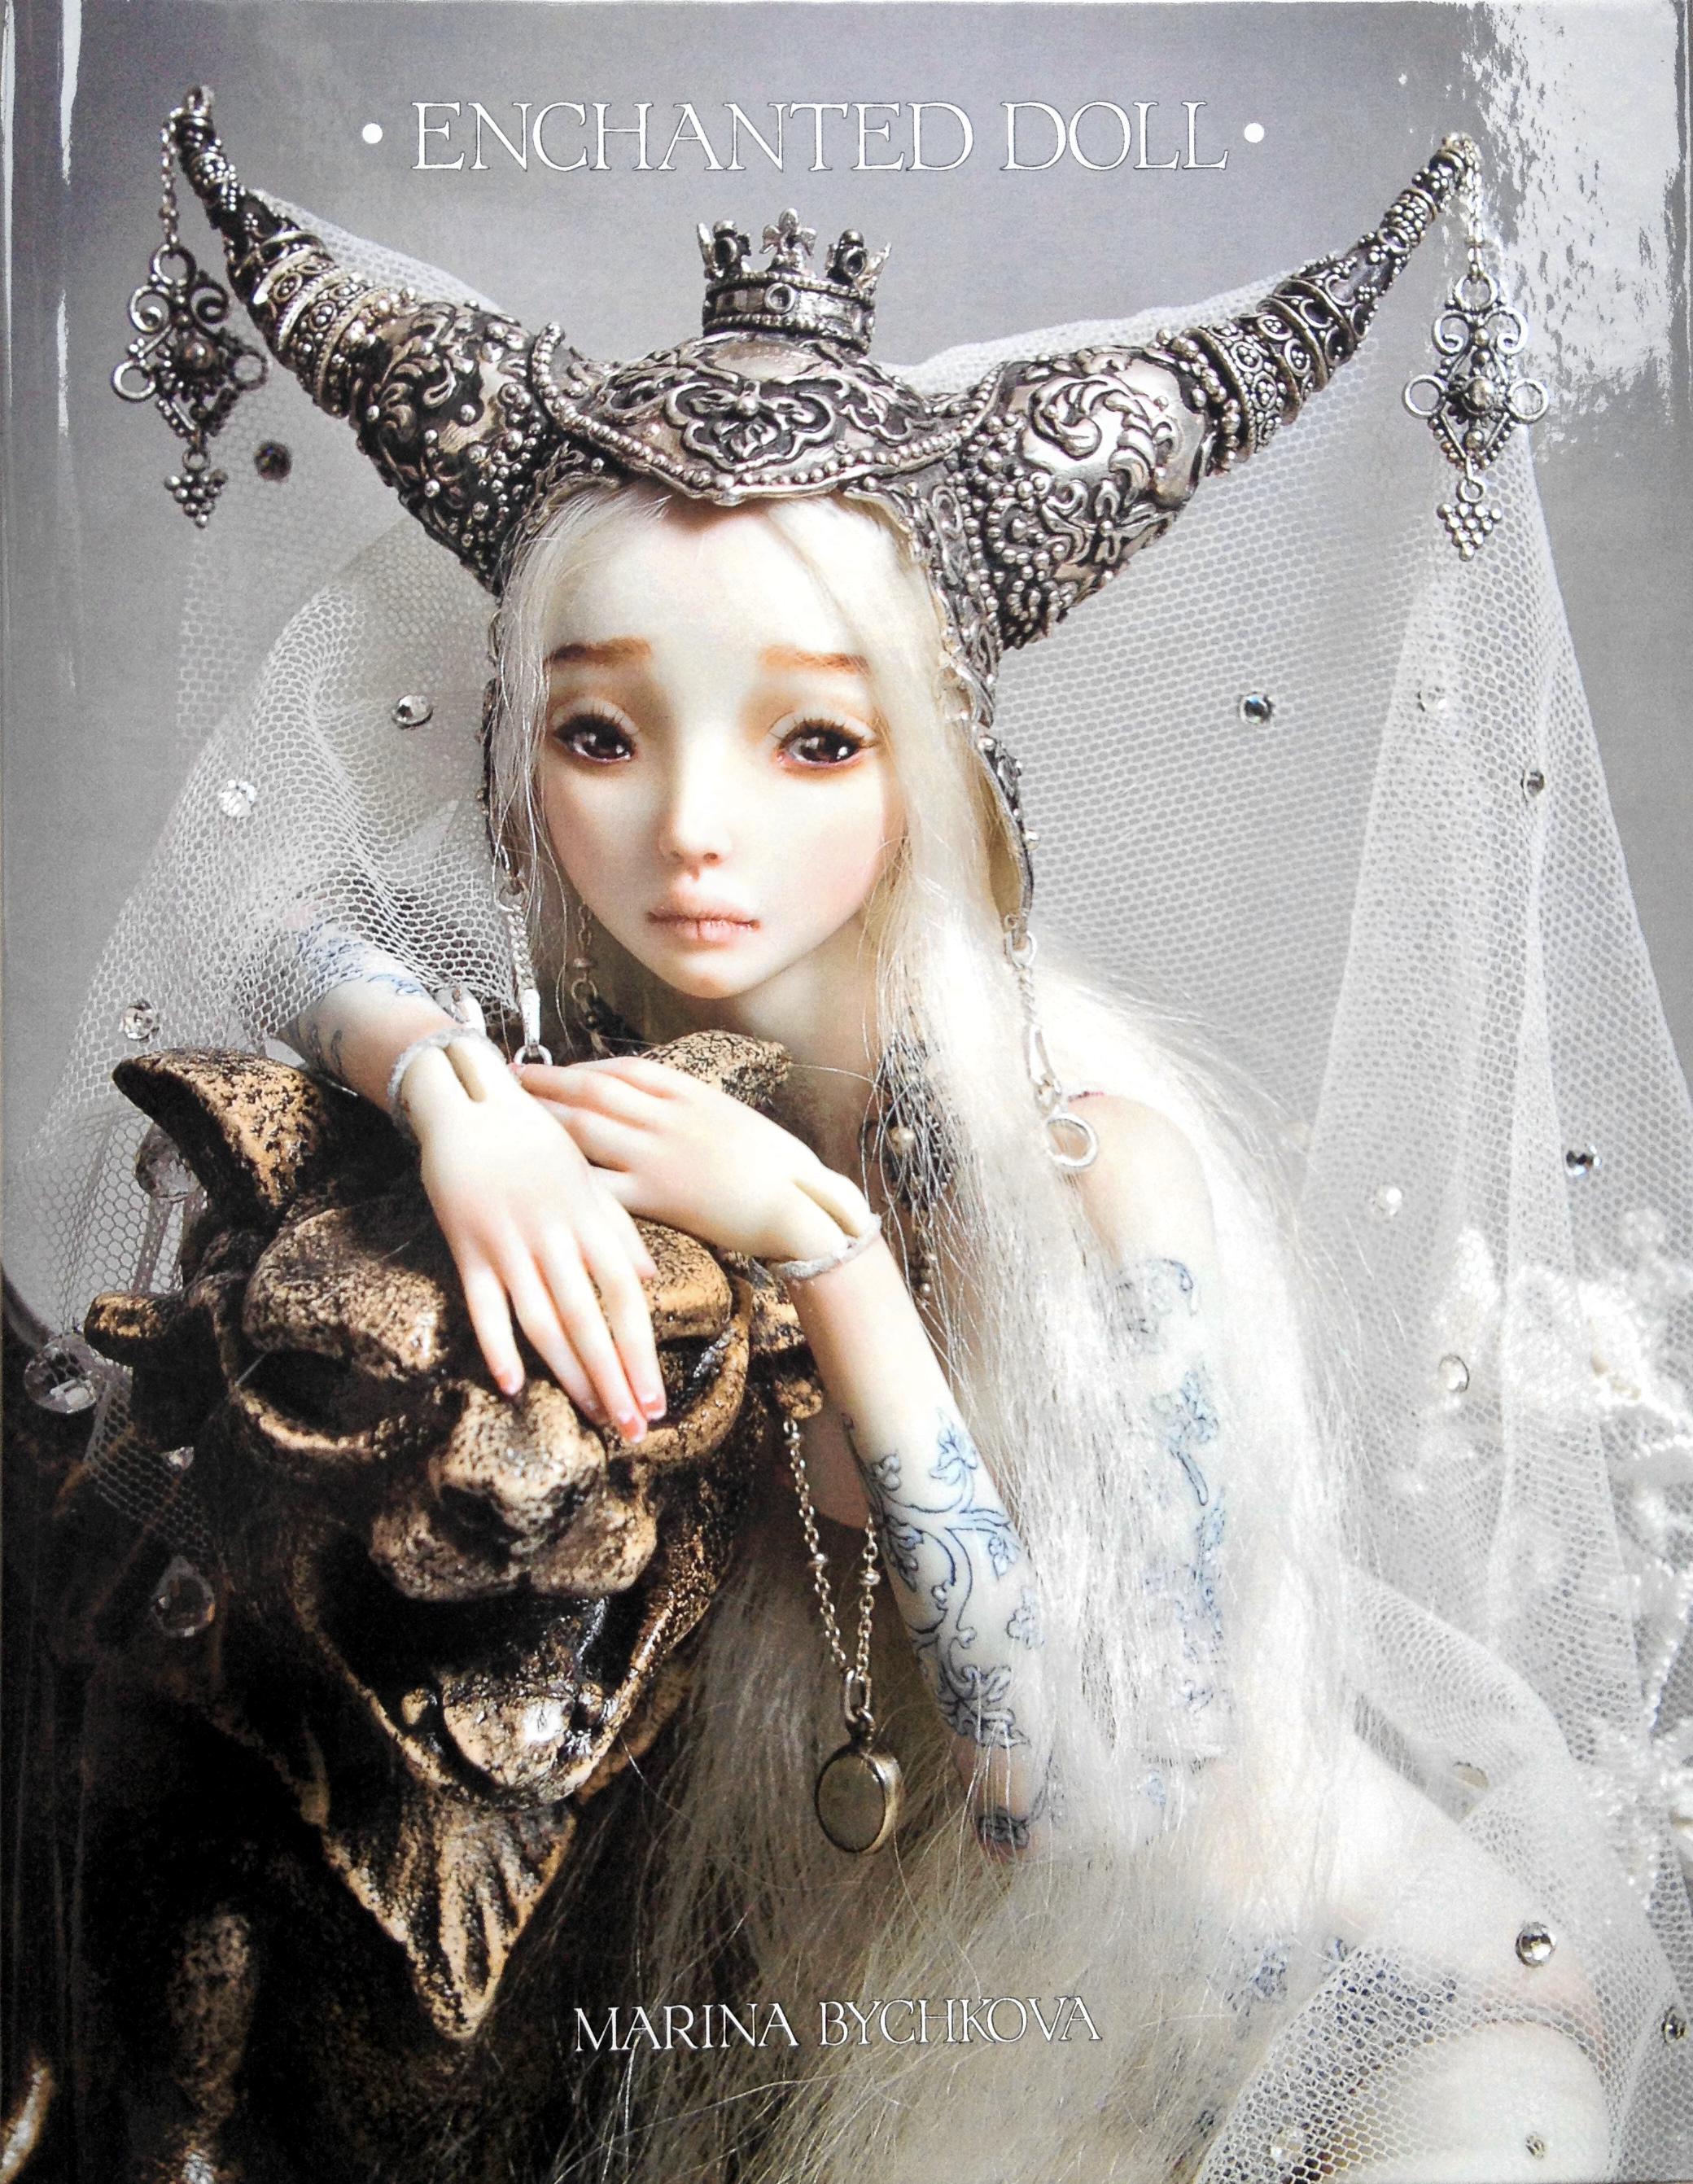 Buy Marina Bychkova Doll Marina Bychkova Enchanted Doll